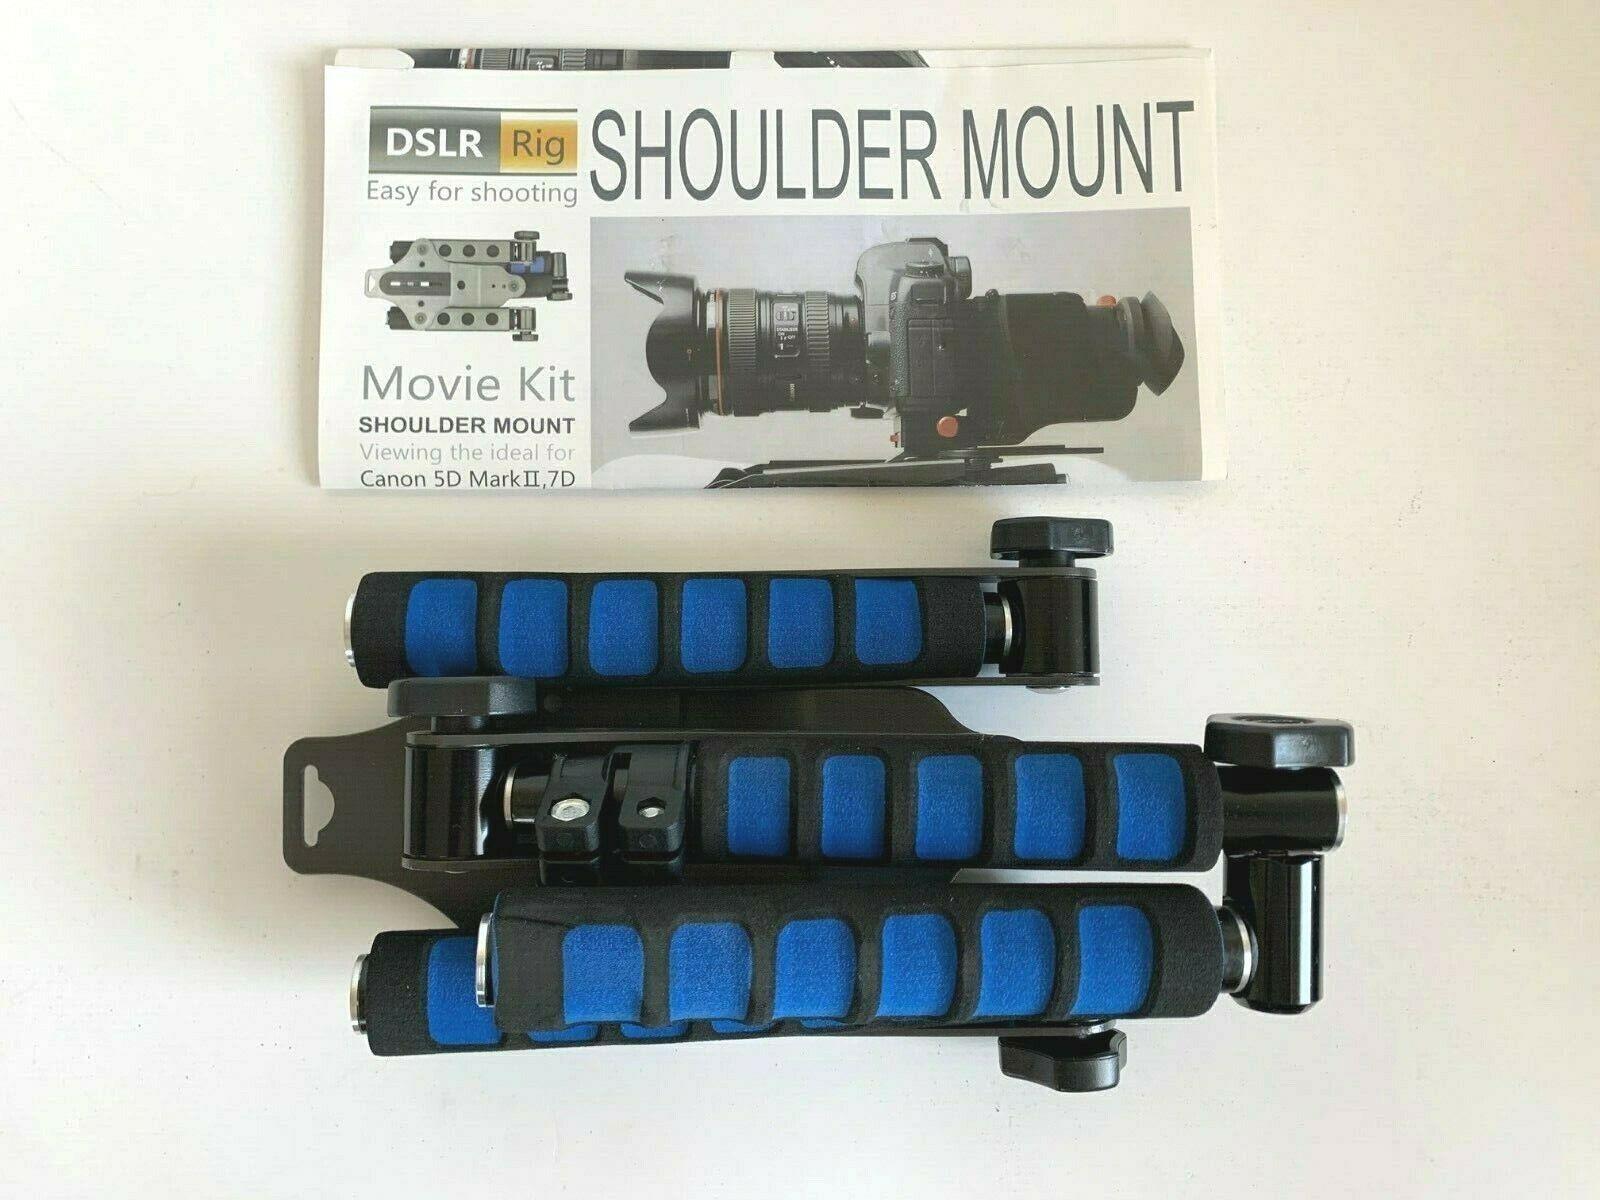 DSLR Rig Shoulder Mount for Camera